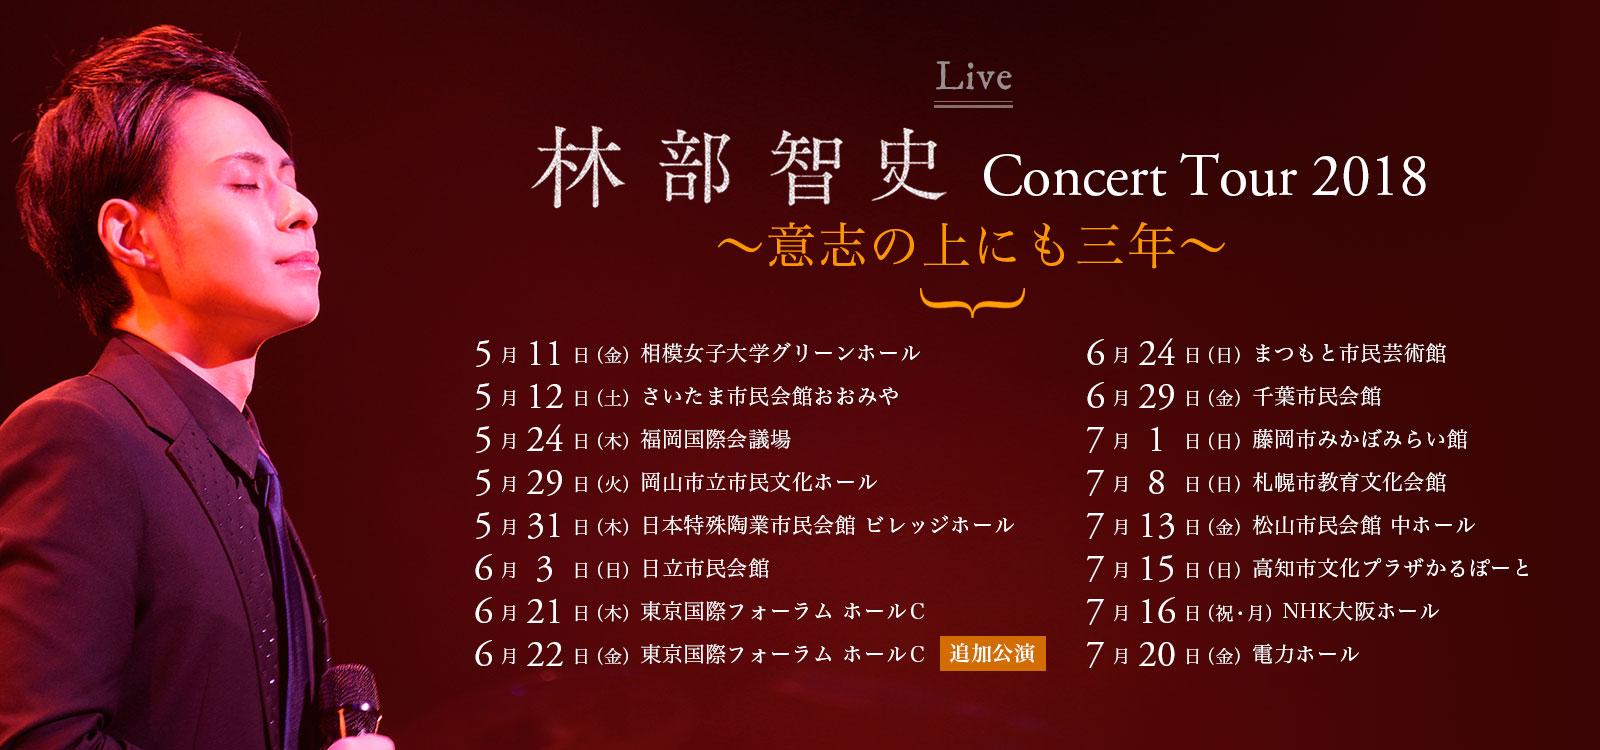 意志の上にも三年 コンサートツアー2018